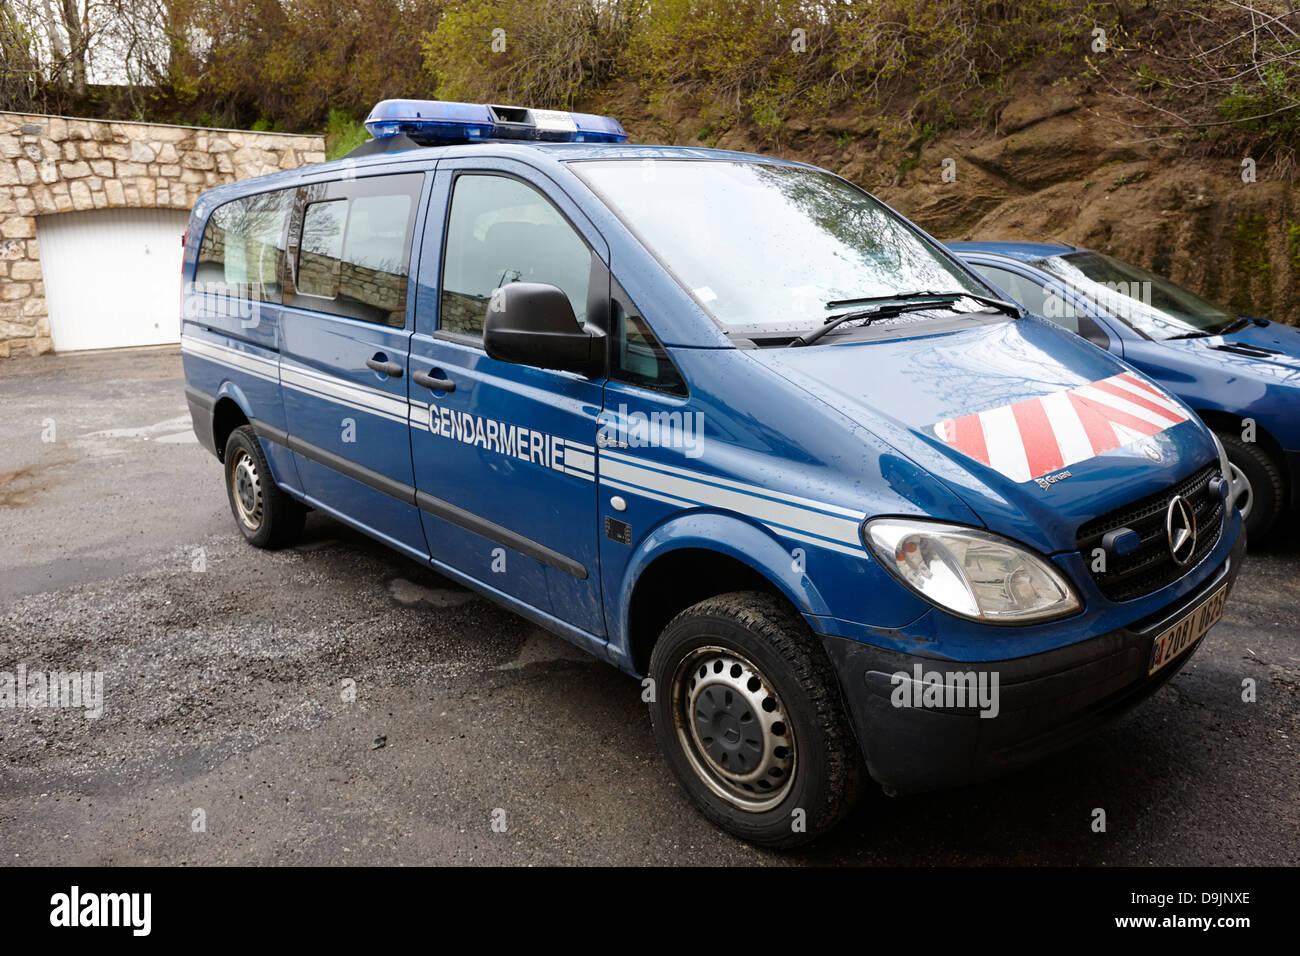 gendarmerie nationale police van vehicle mont-louis pyrenees-orientales france - Stock Image